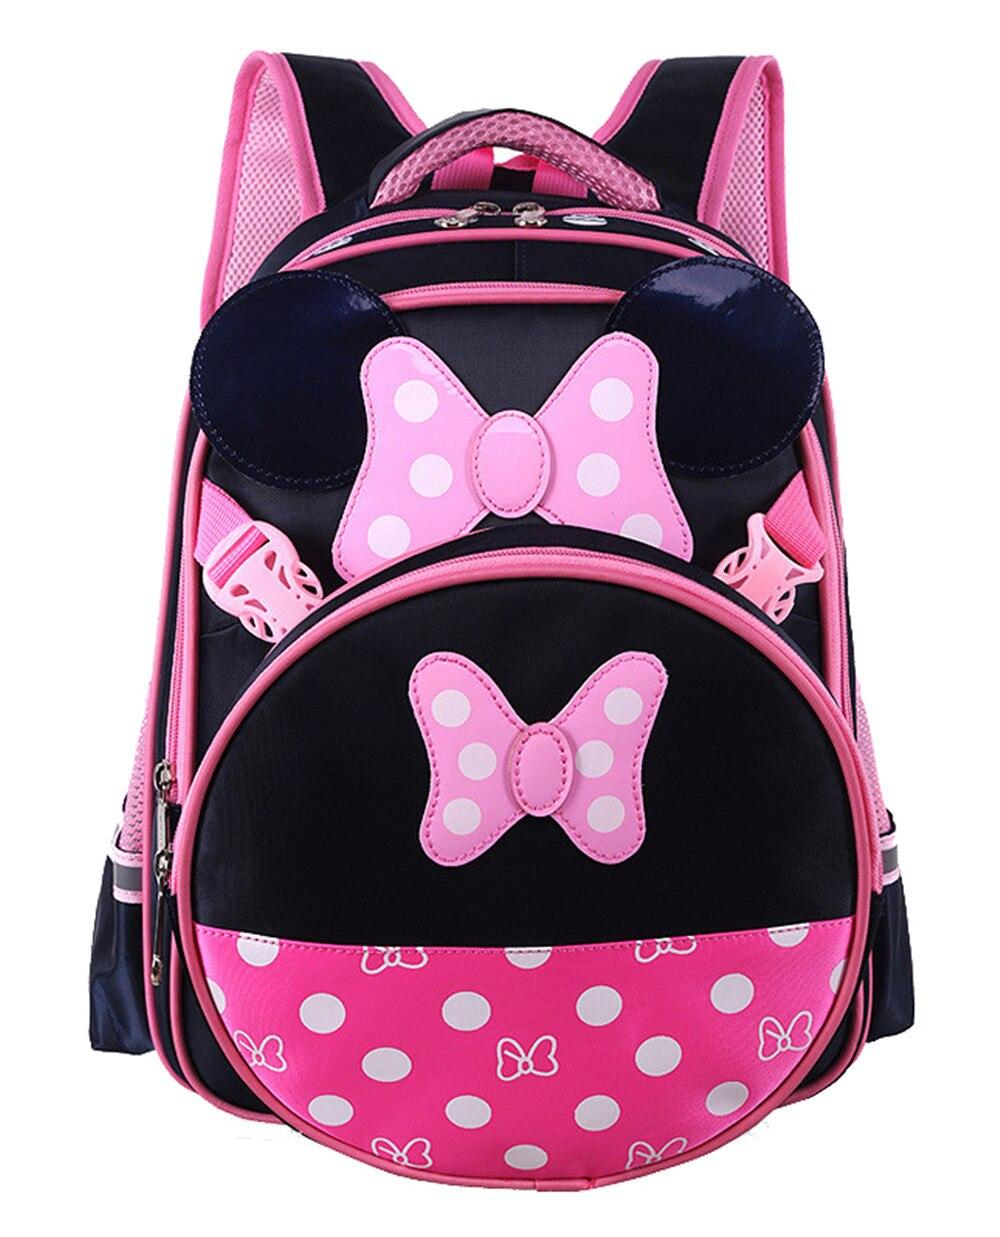 fee9d6387469 Детские школьные сумки для девочек, ортопедический школьный ранец с  изображением мультяшных геров, рюкзак, детский школьный рюкзак принцес.